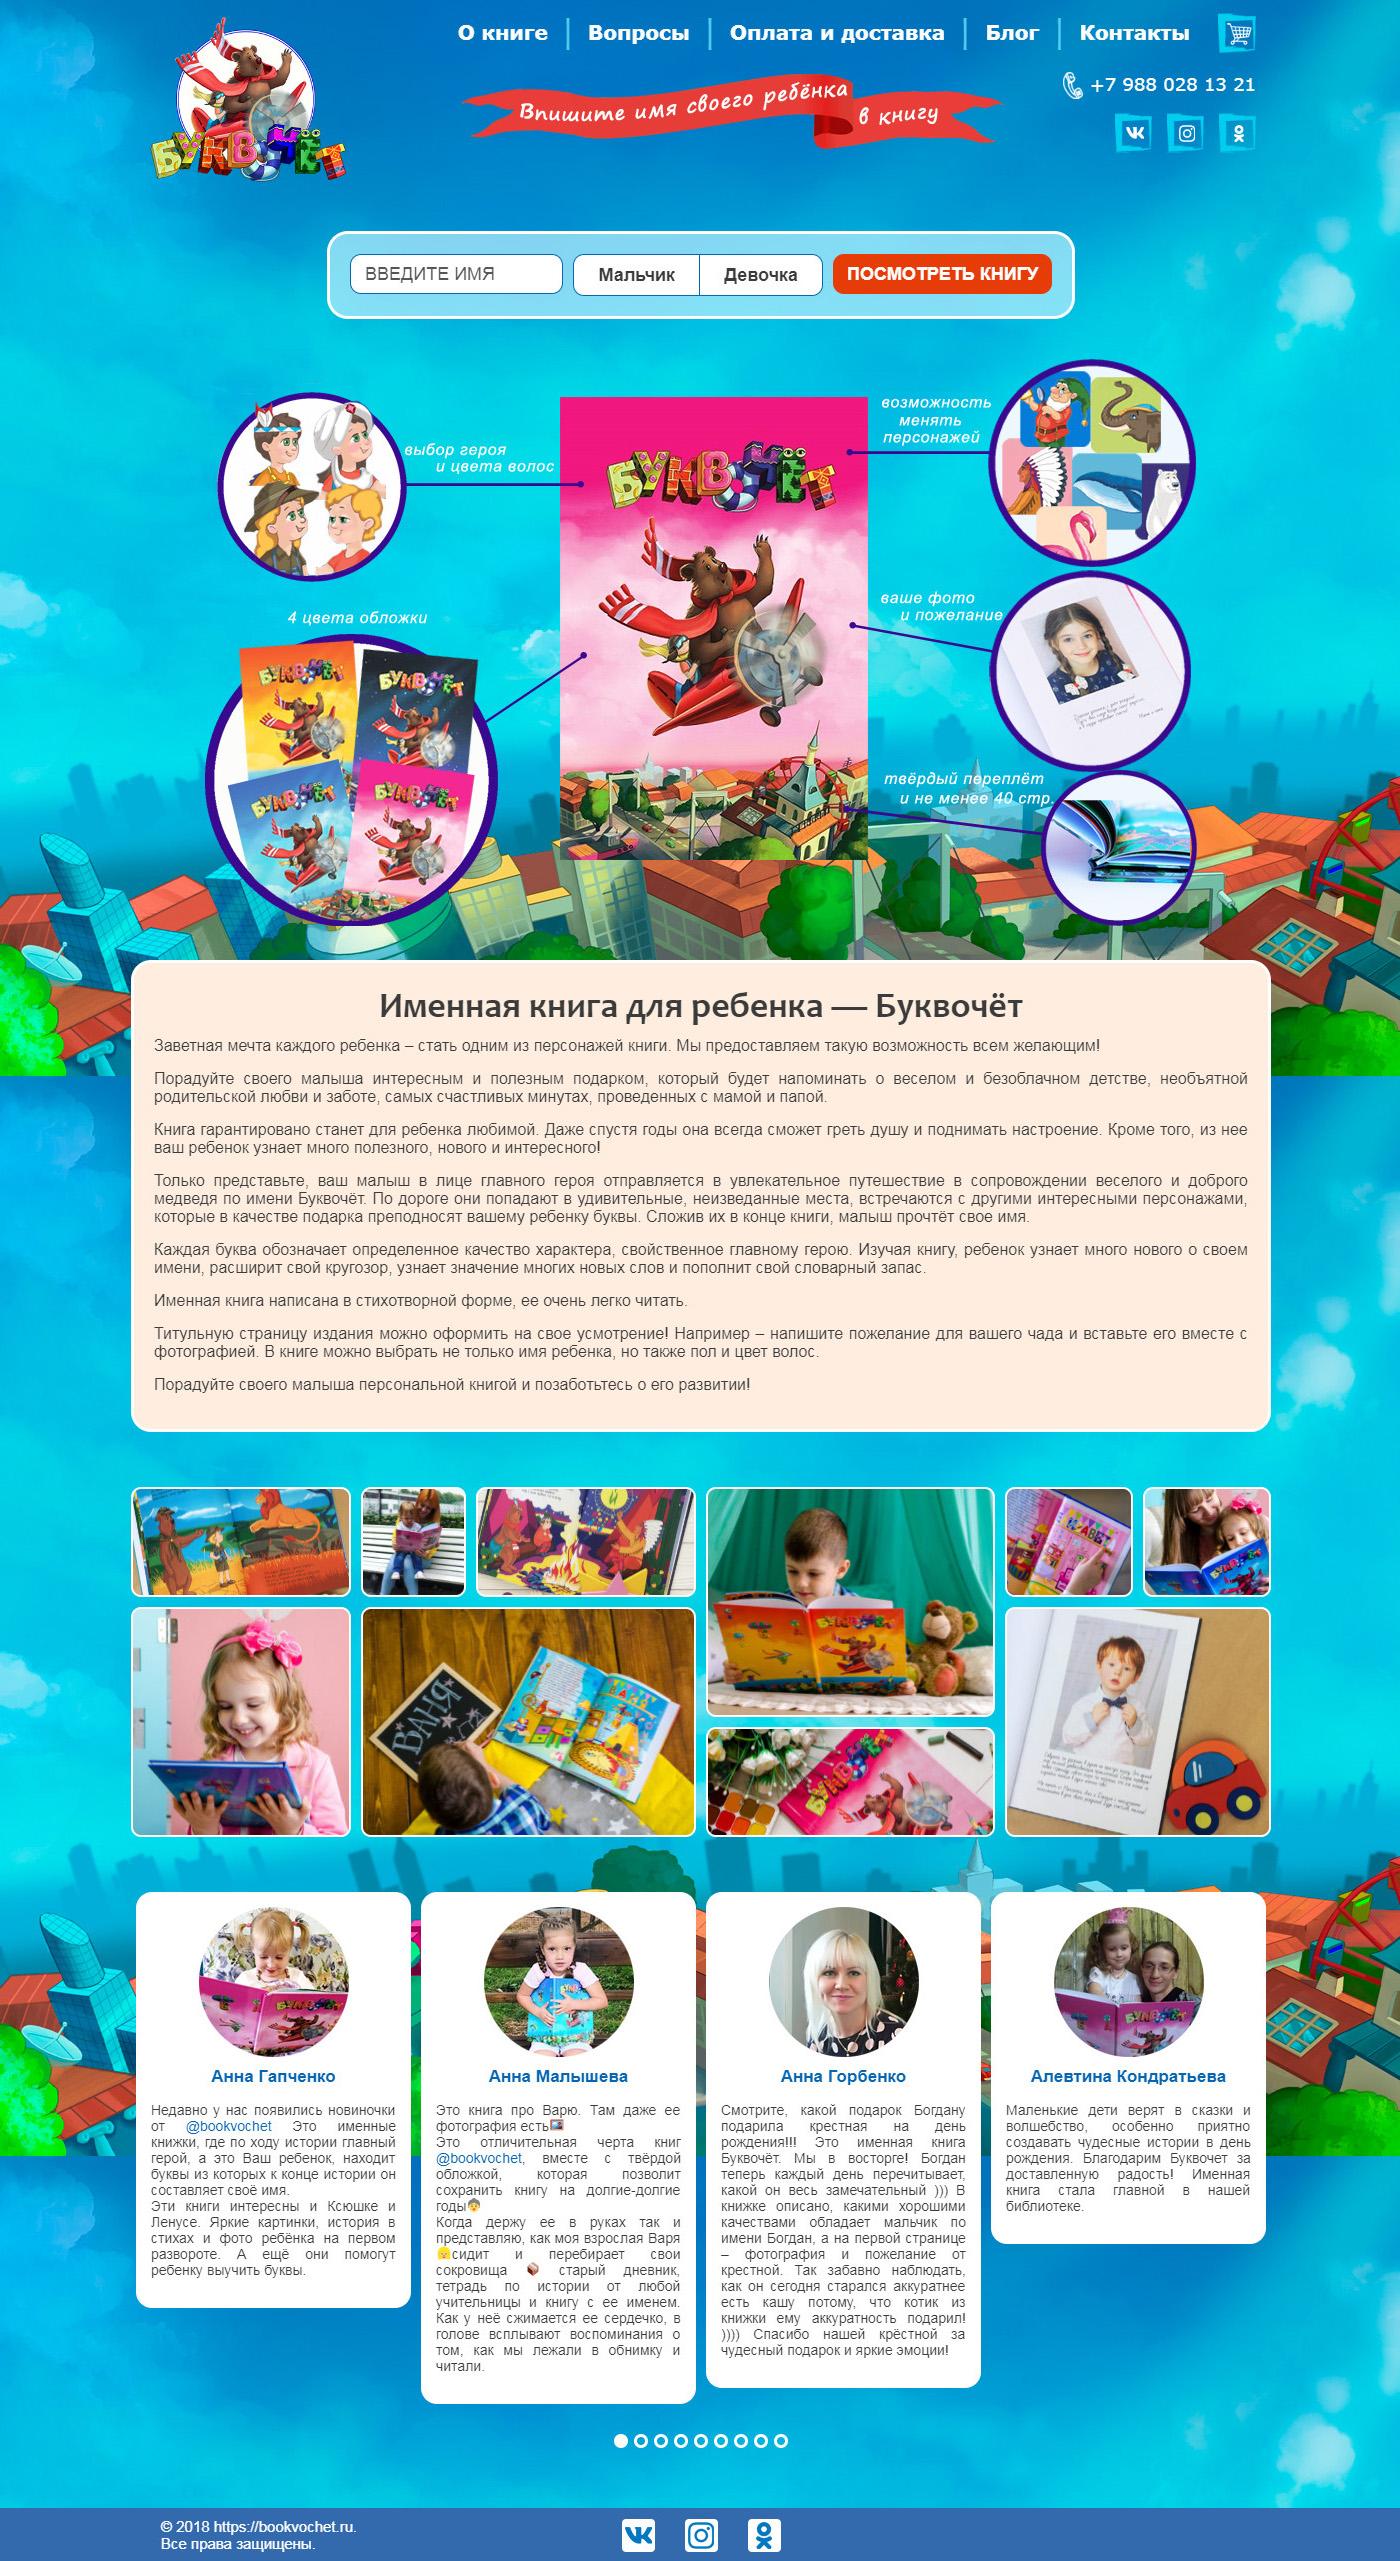 Сайт для продажи именной книги Буквочёт